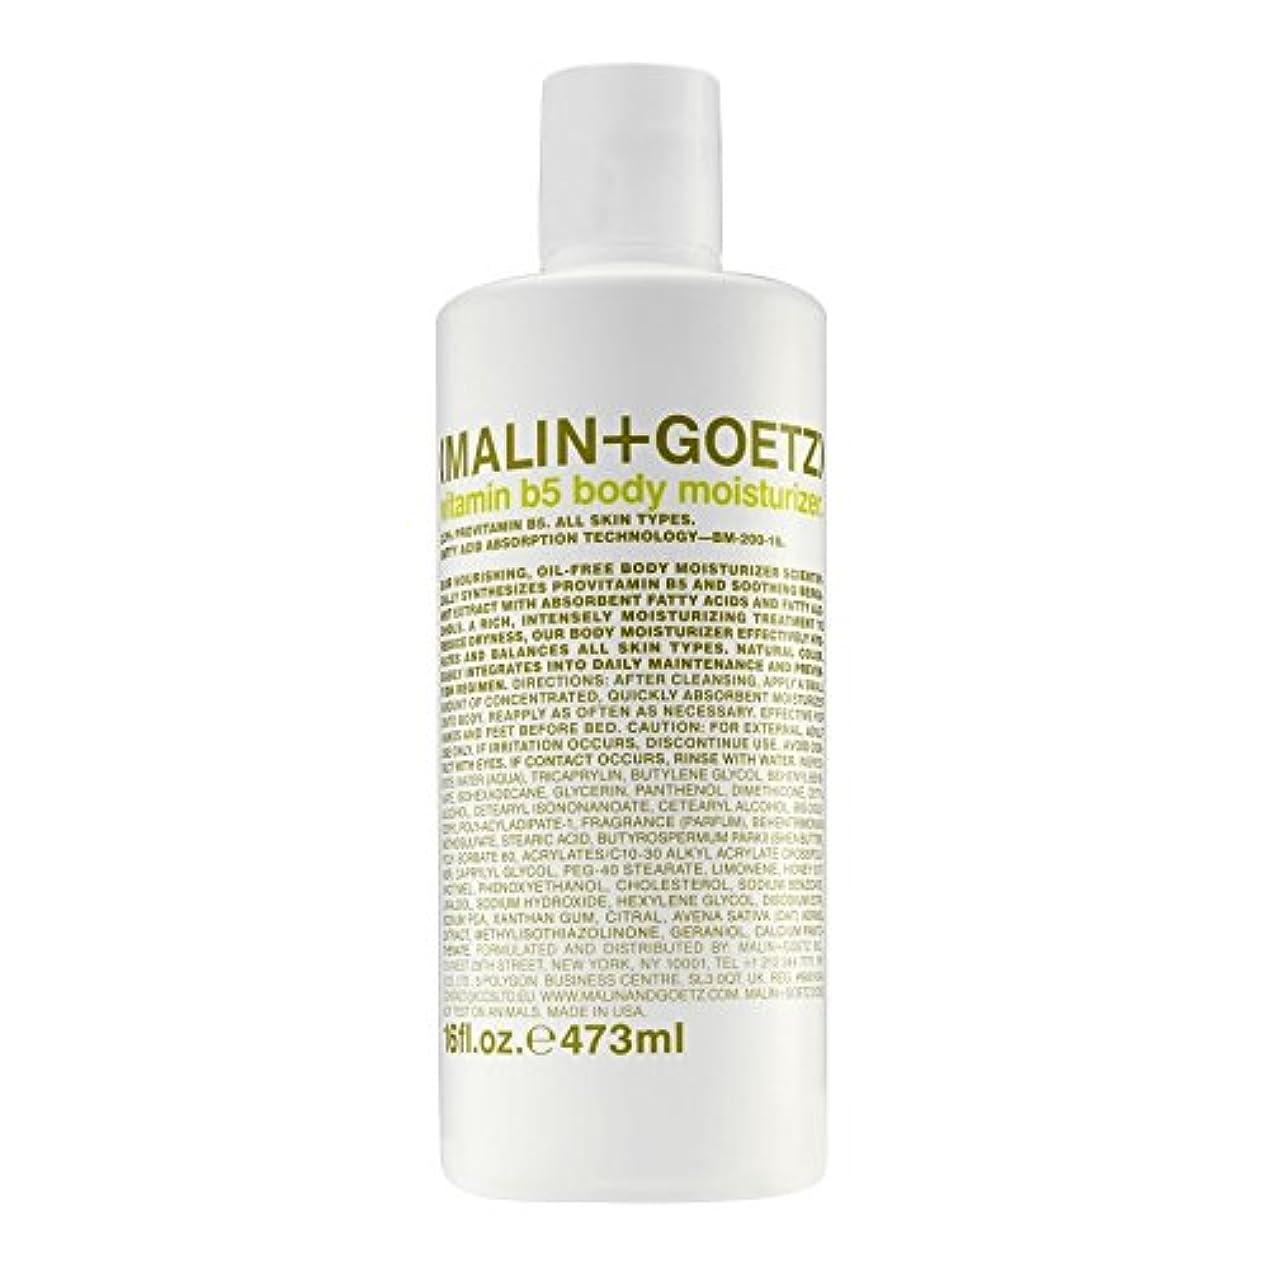 真面目な主人結婚式MALIN+GOETZ Vitamin B5 Body Moisturiser 473ml - マリン+ゲッツビタミン5ボディモイスチャライザーの473ミリリットル [並行輸入品]